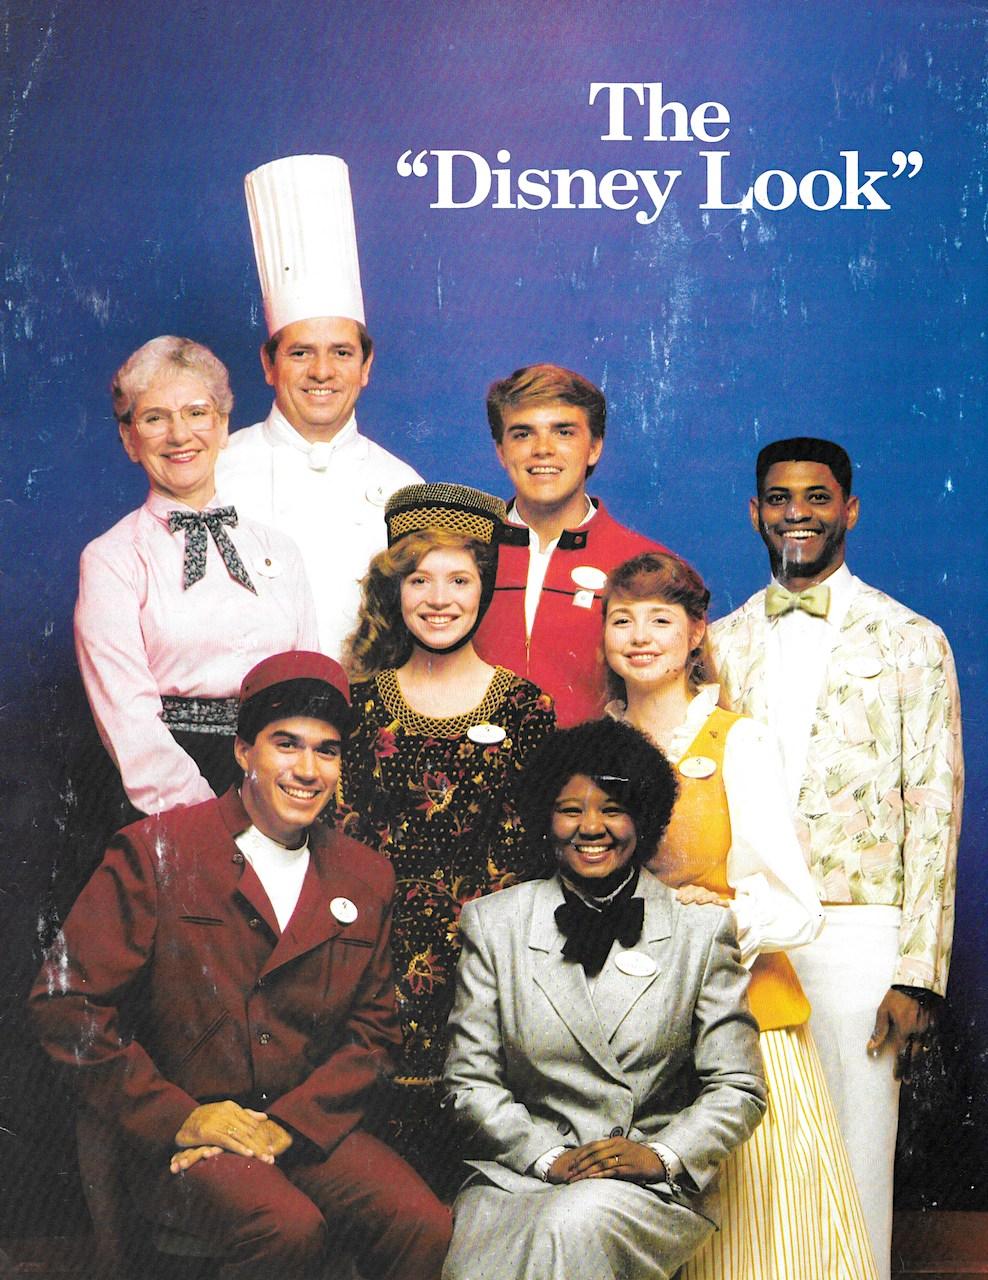 The Disney Look